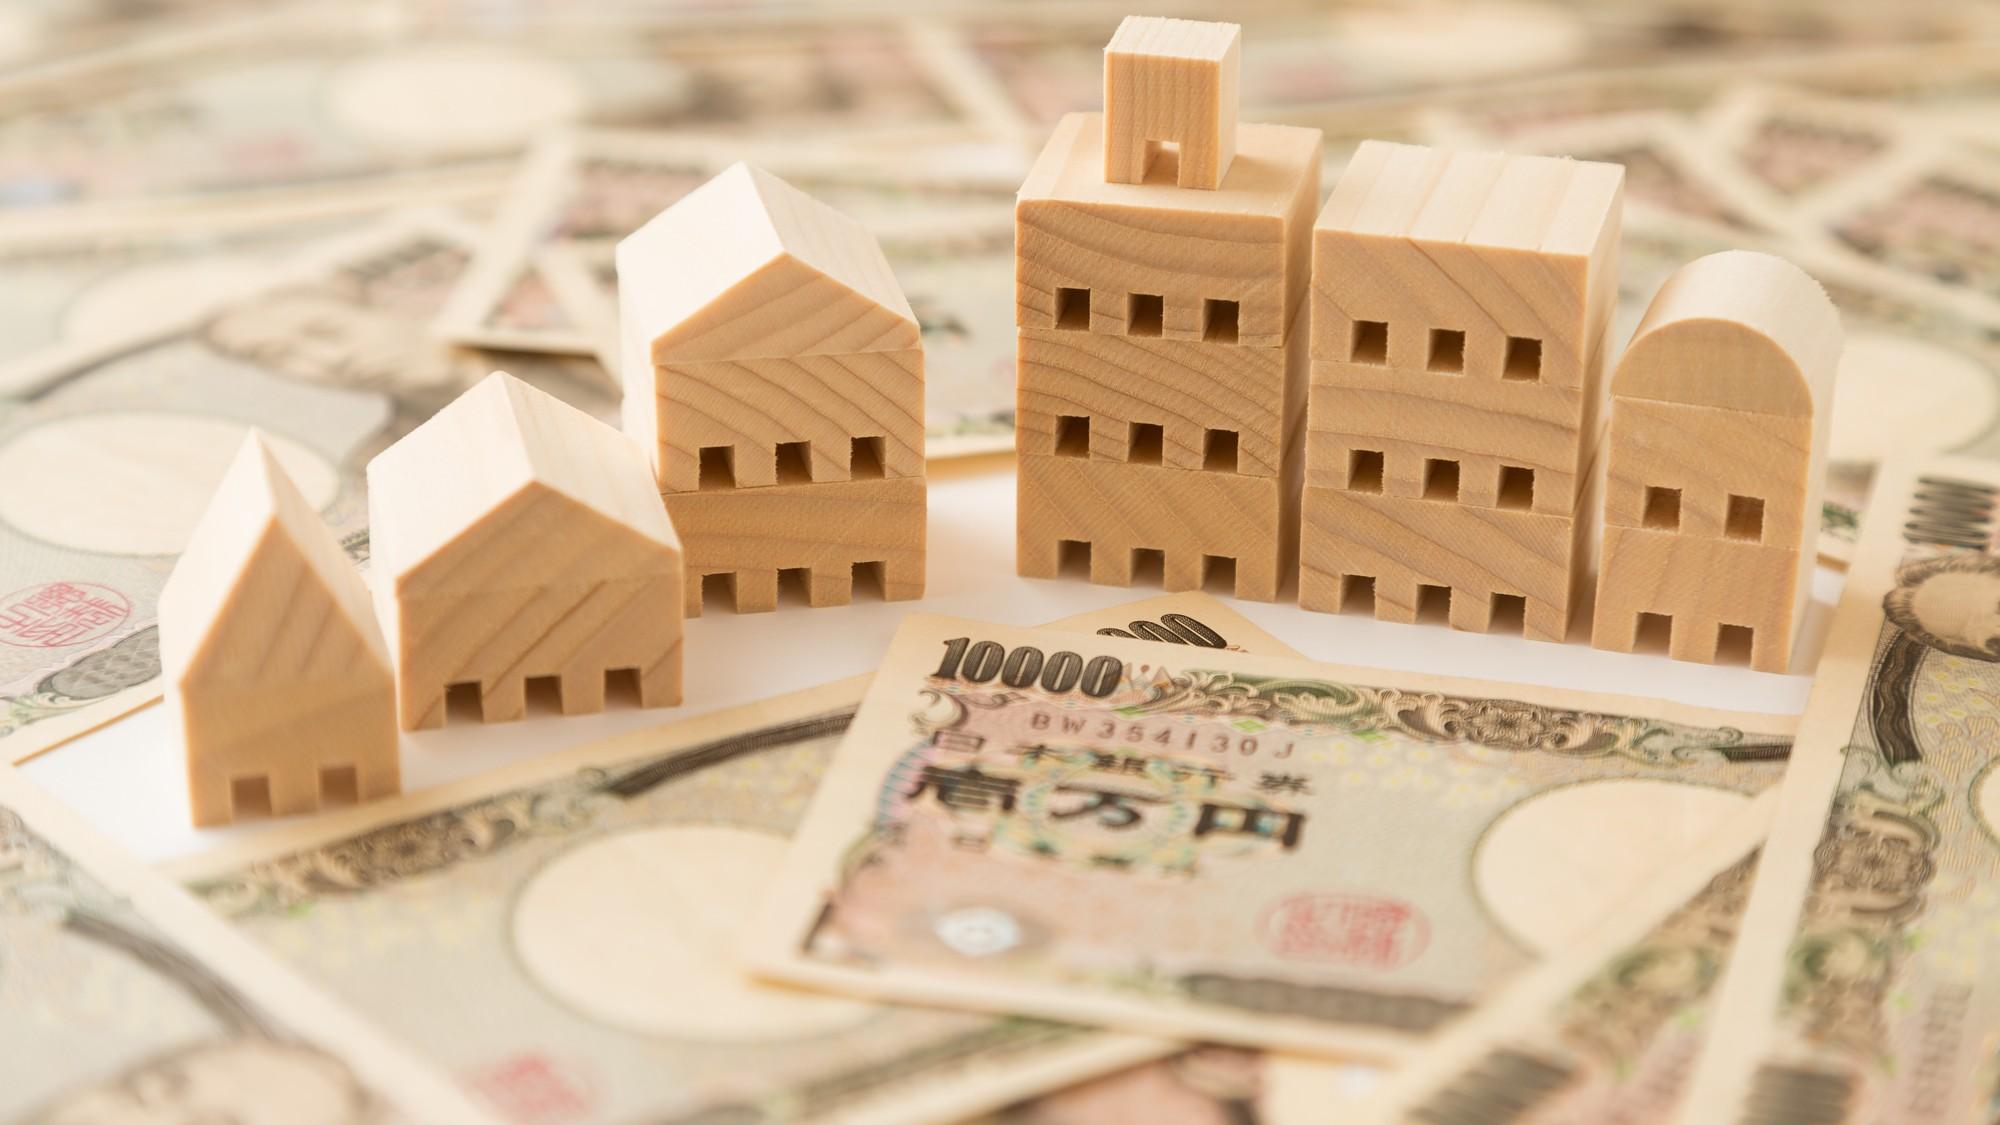 敷金は返還義務あり?建物賃貸借の「賃料以外の金銭」の法的性質